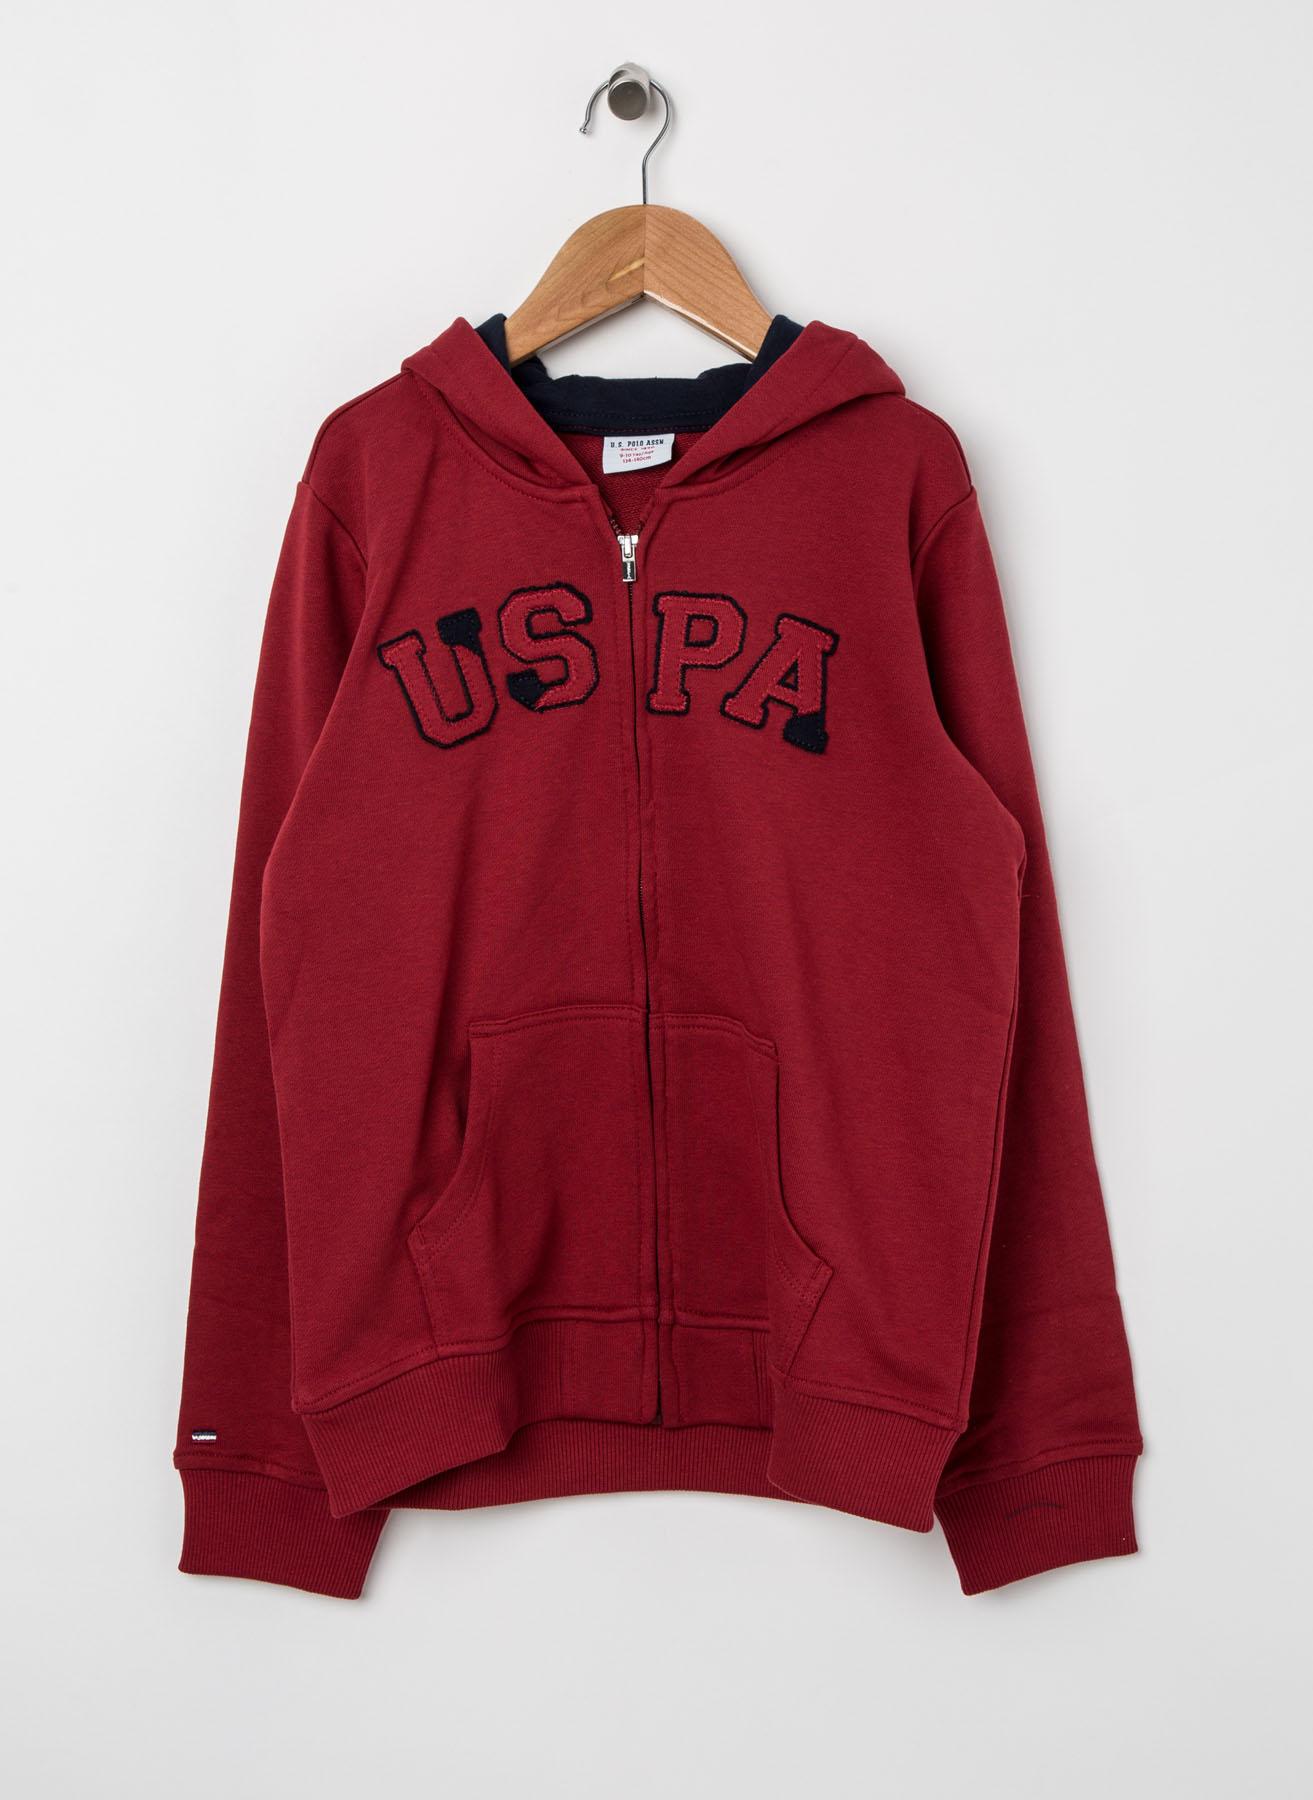 U.S. Polo Assn. Genç Erkek Kapüşonlu Bordo Sweatshirt 11 Yaş 5001704881002 Ürün Resmi